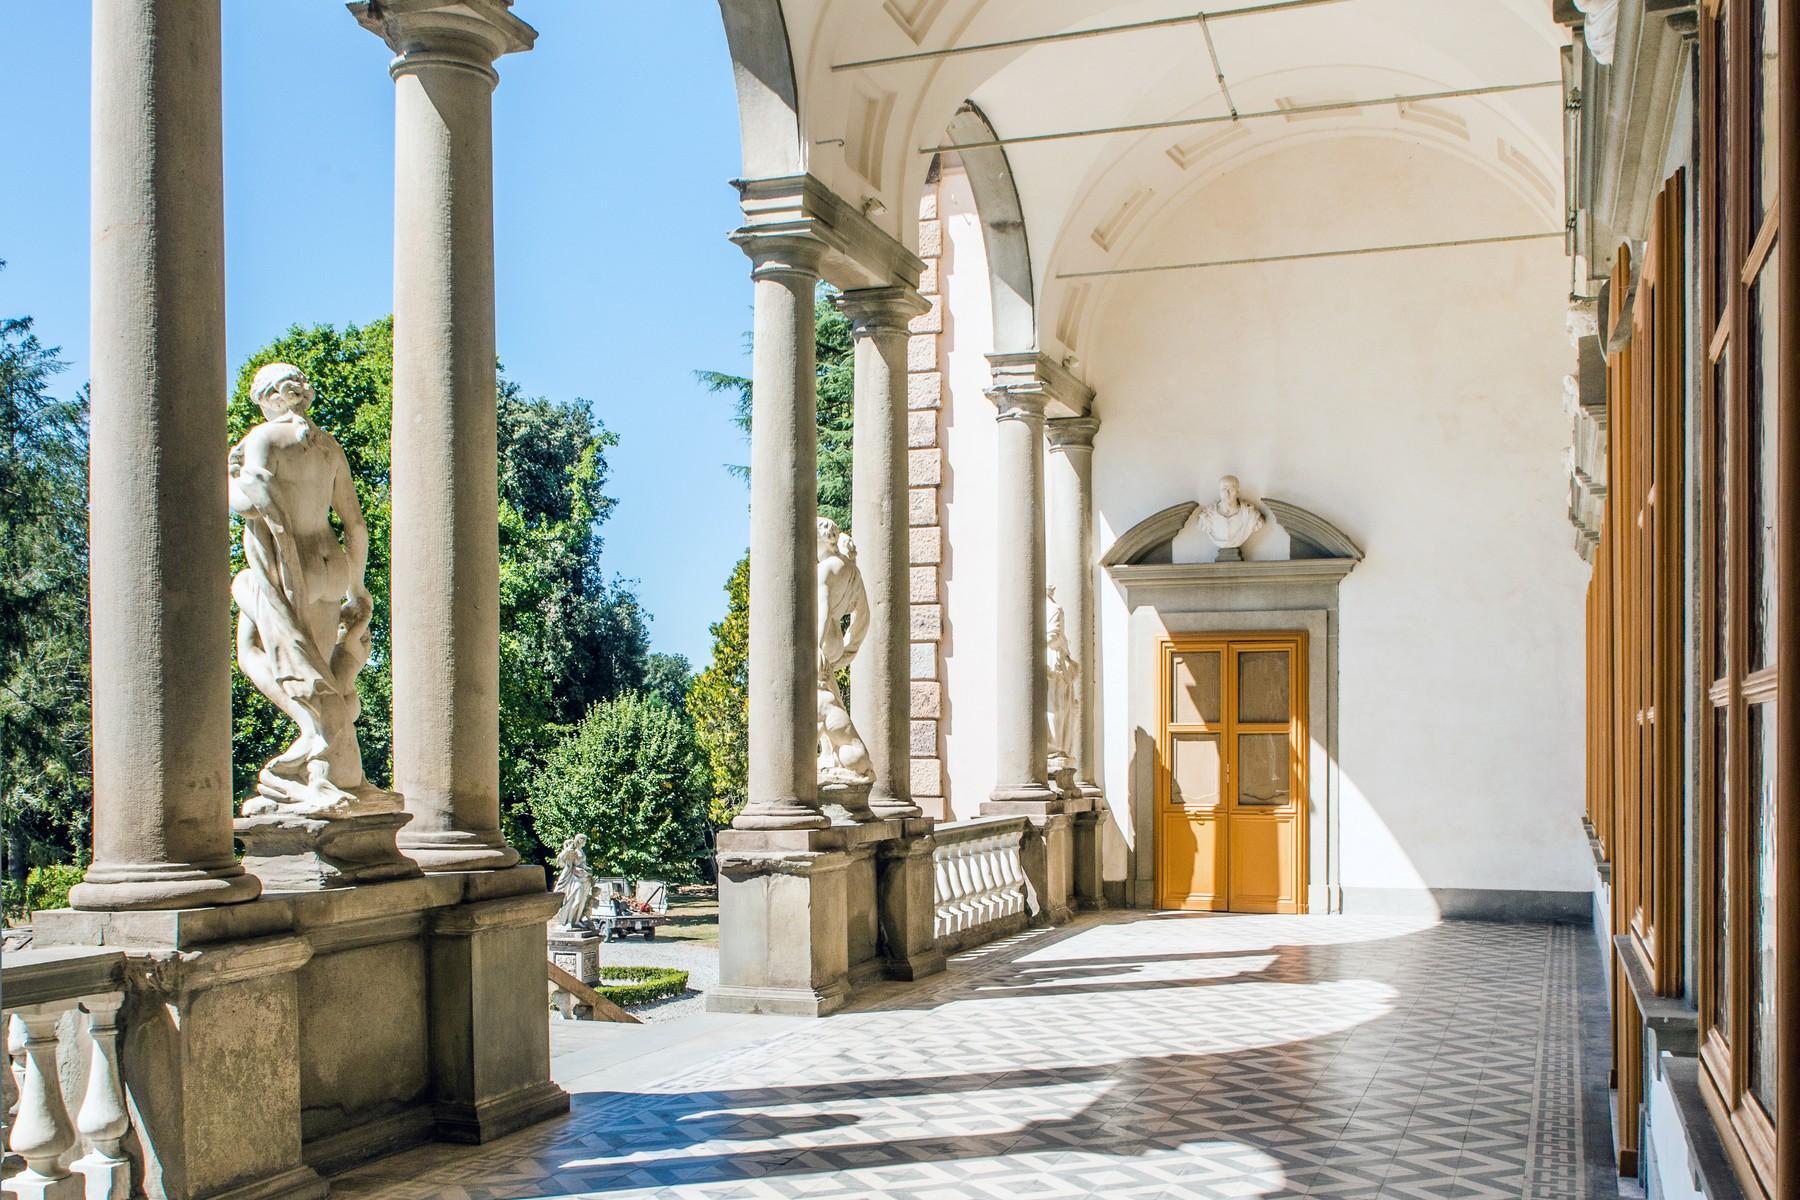 Роскошный особняк XVI века на тосканских холмах в Лукке, Италия - 11